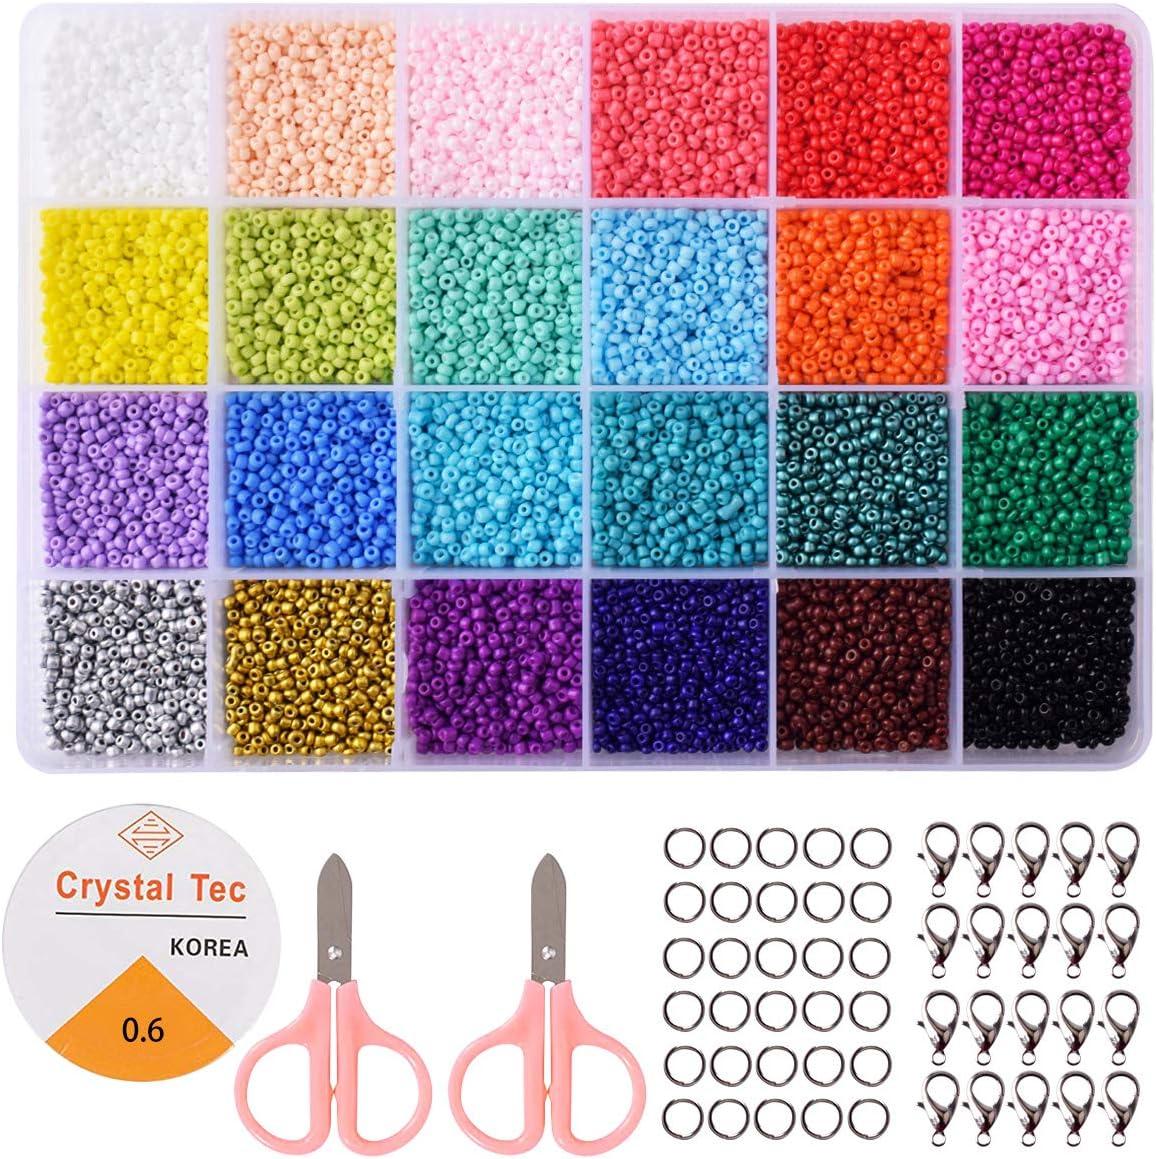 Cuentas de Colores 2 mm Perlas de Vidrio para Hacer Joyas de Pulseras Collares Regalo para Niños 24 Colores Brillantes